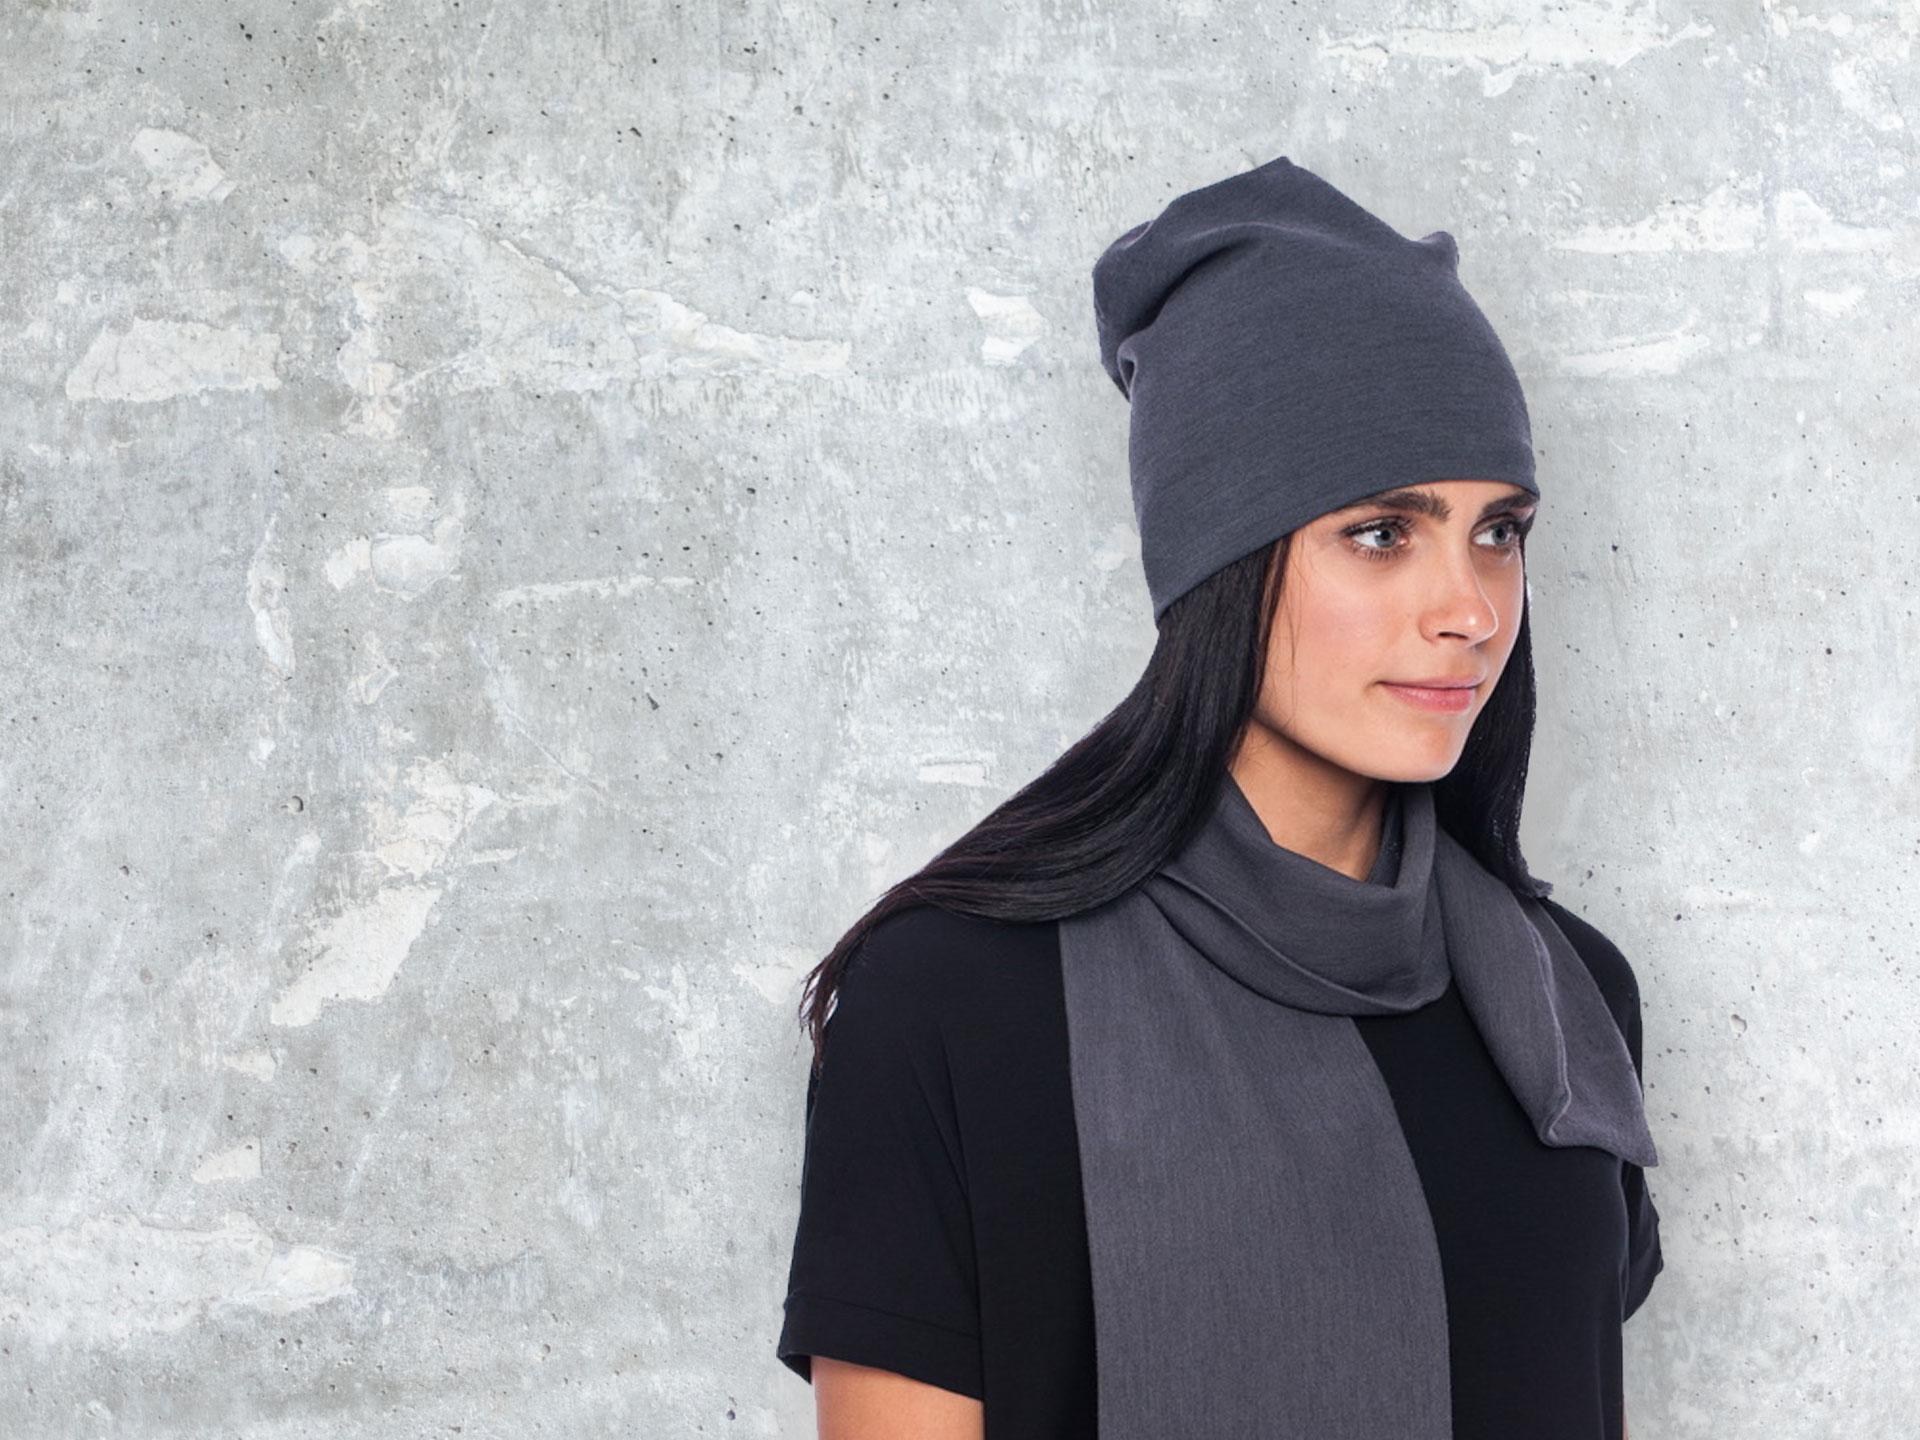 Caps, scarfs